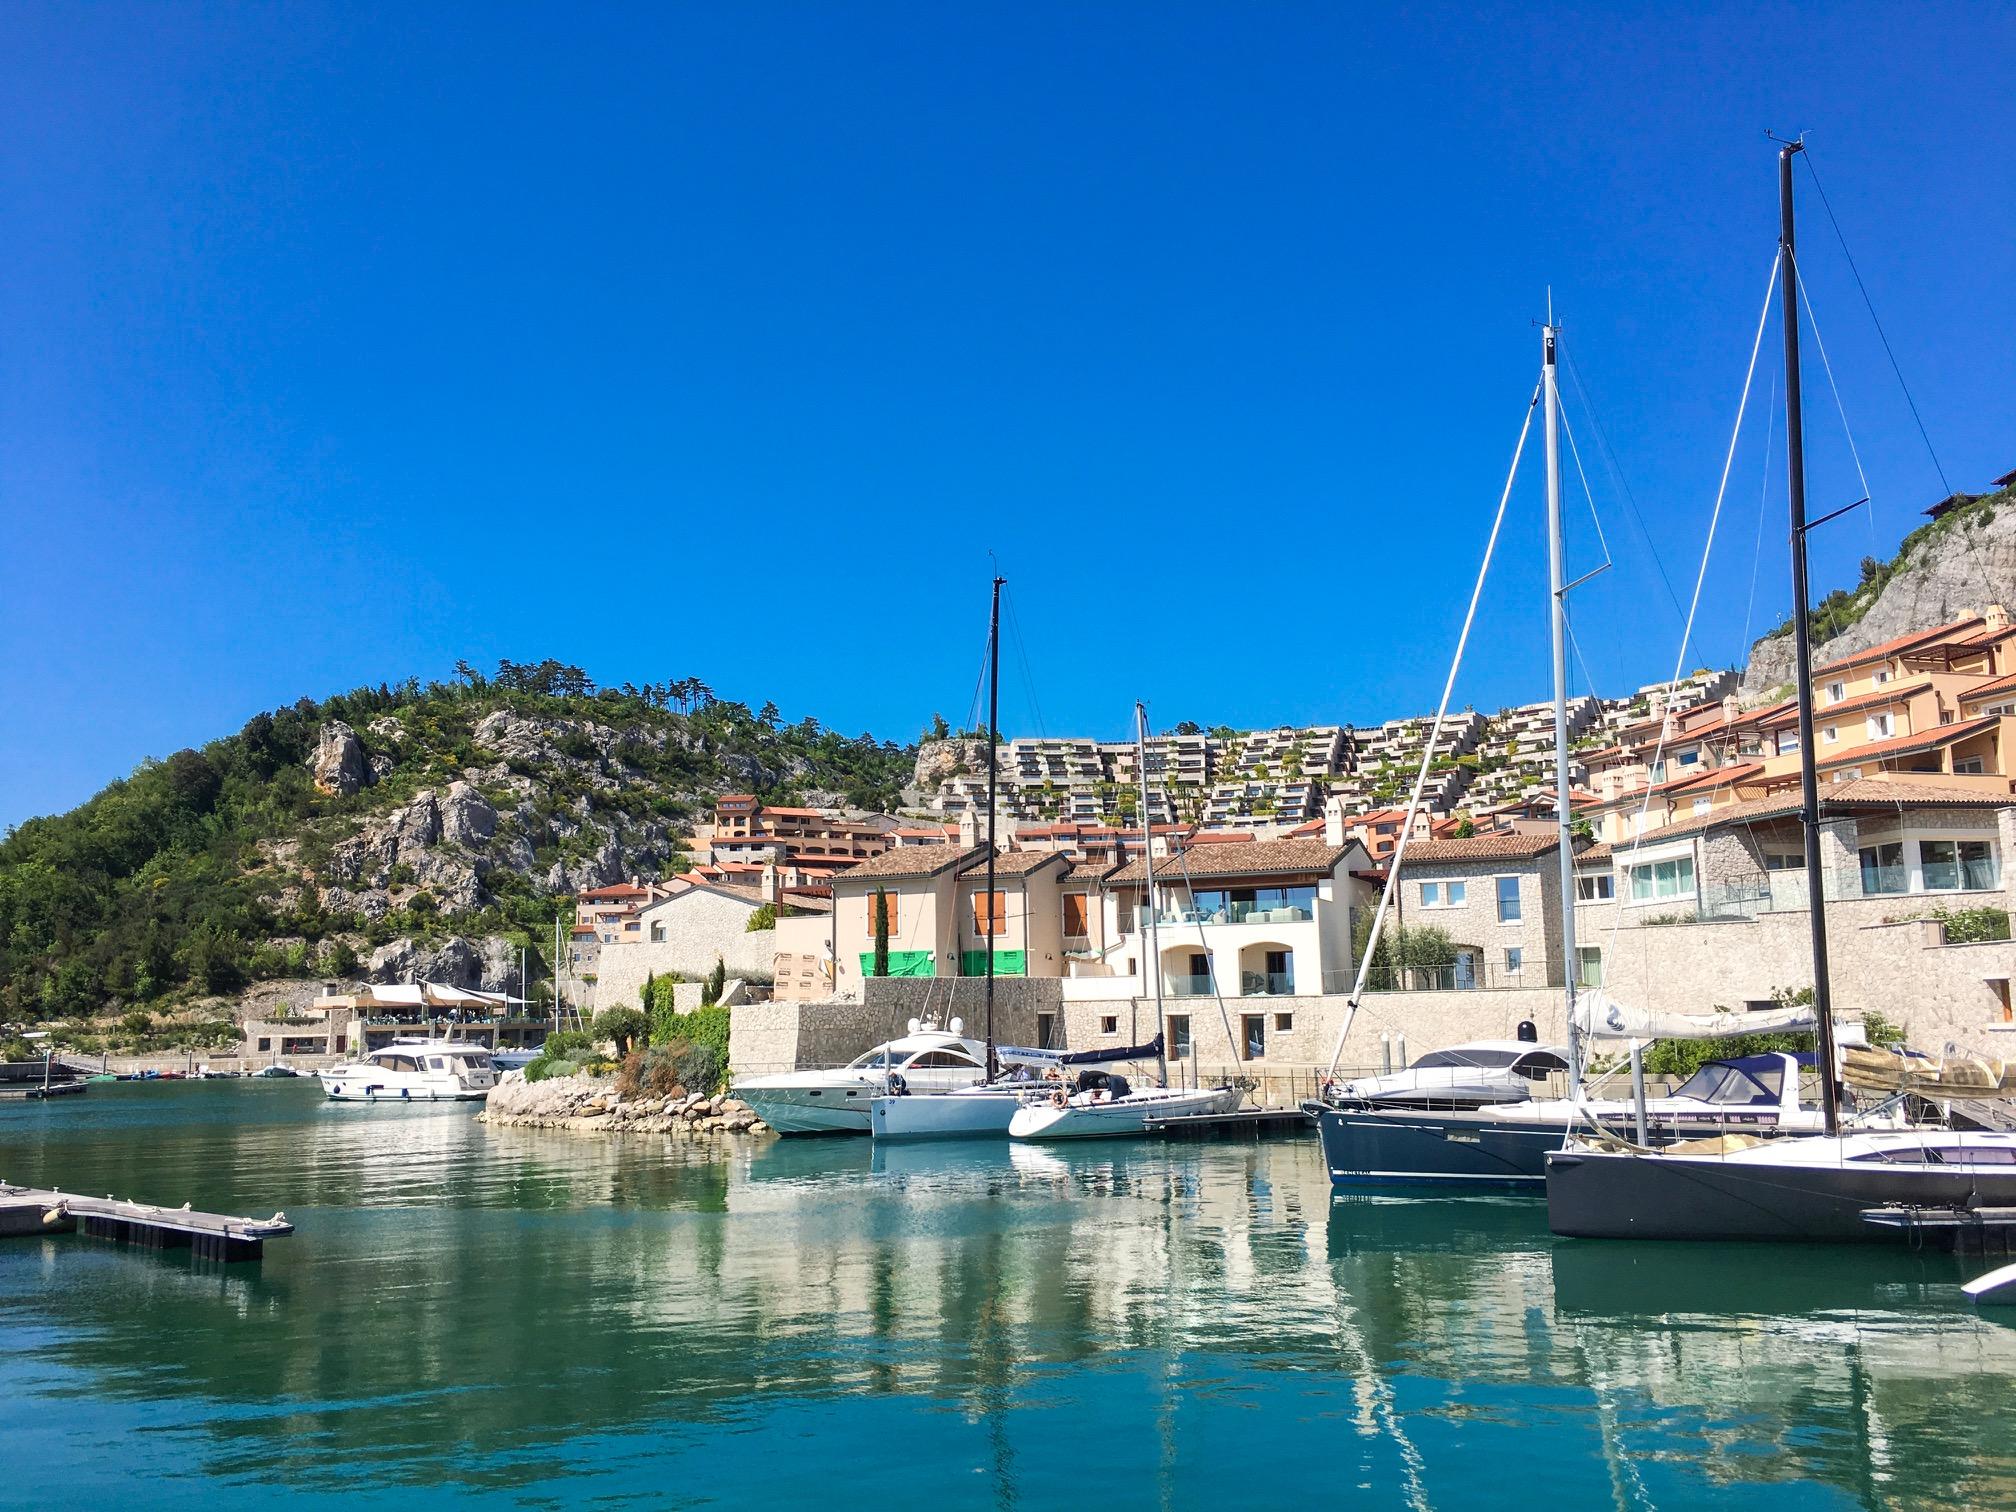 Portopiccolo lussuoso borgo marinaro